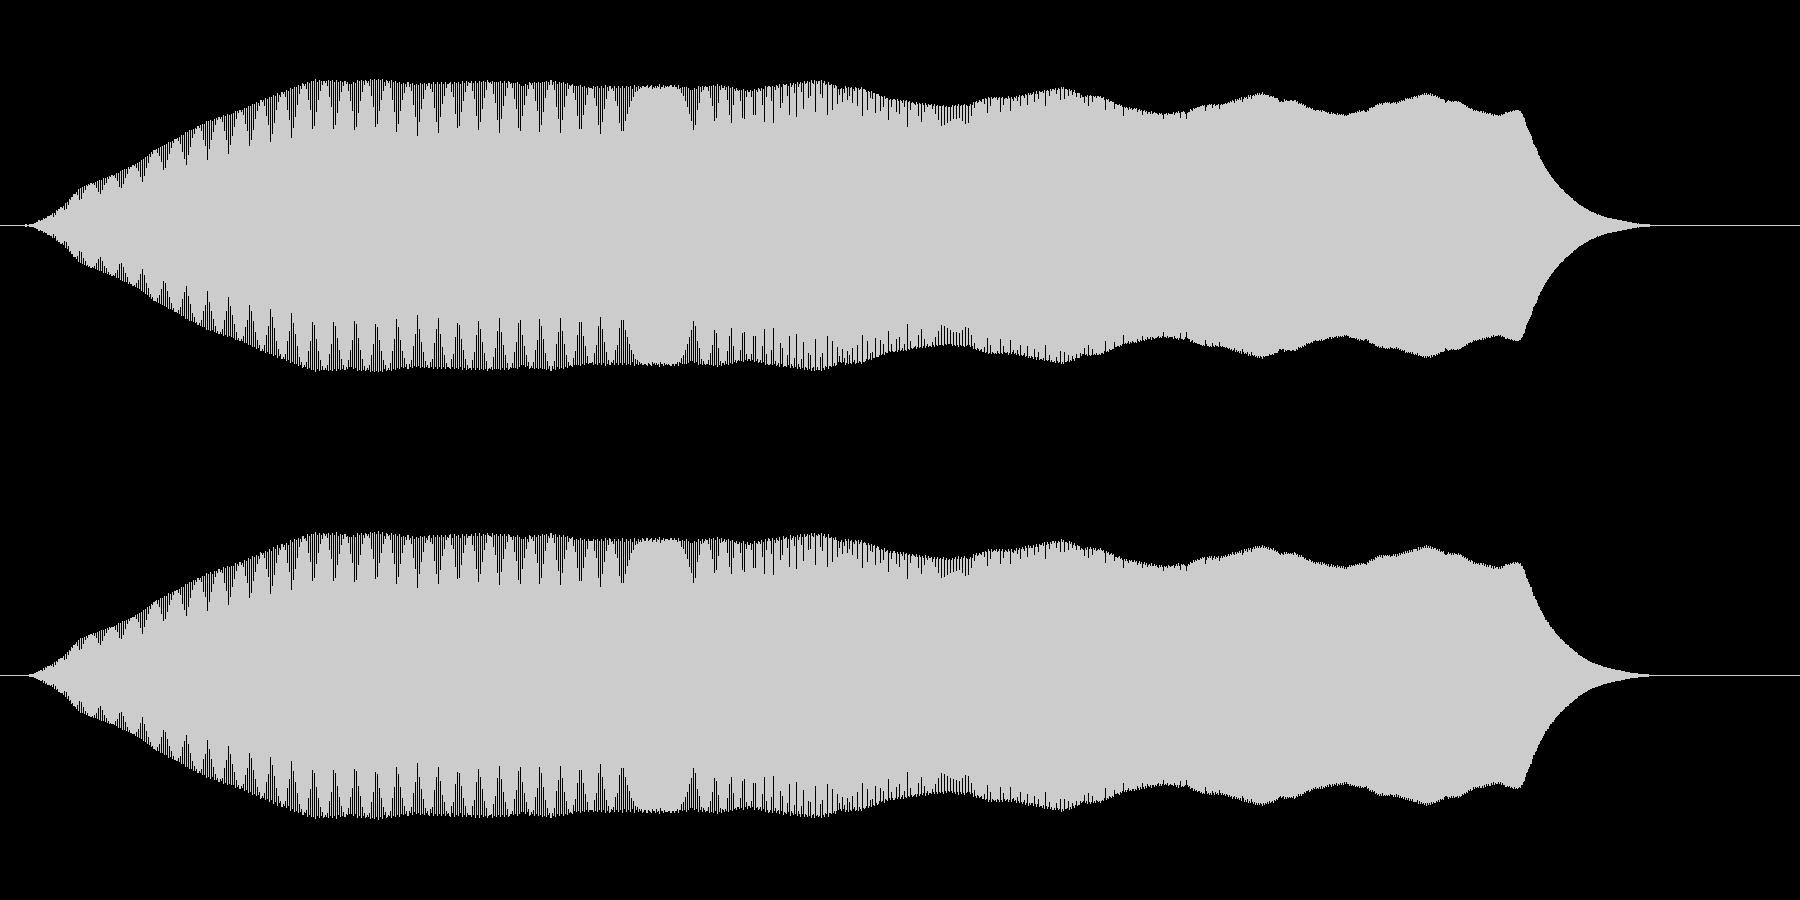 プワーム(弛緩した落下音、または疑問)の未再生の波形